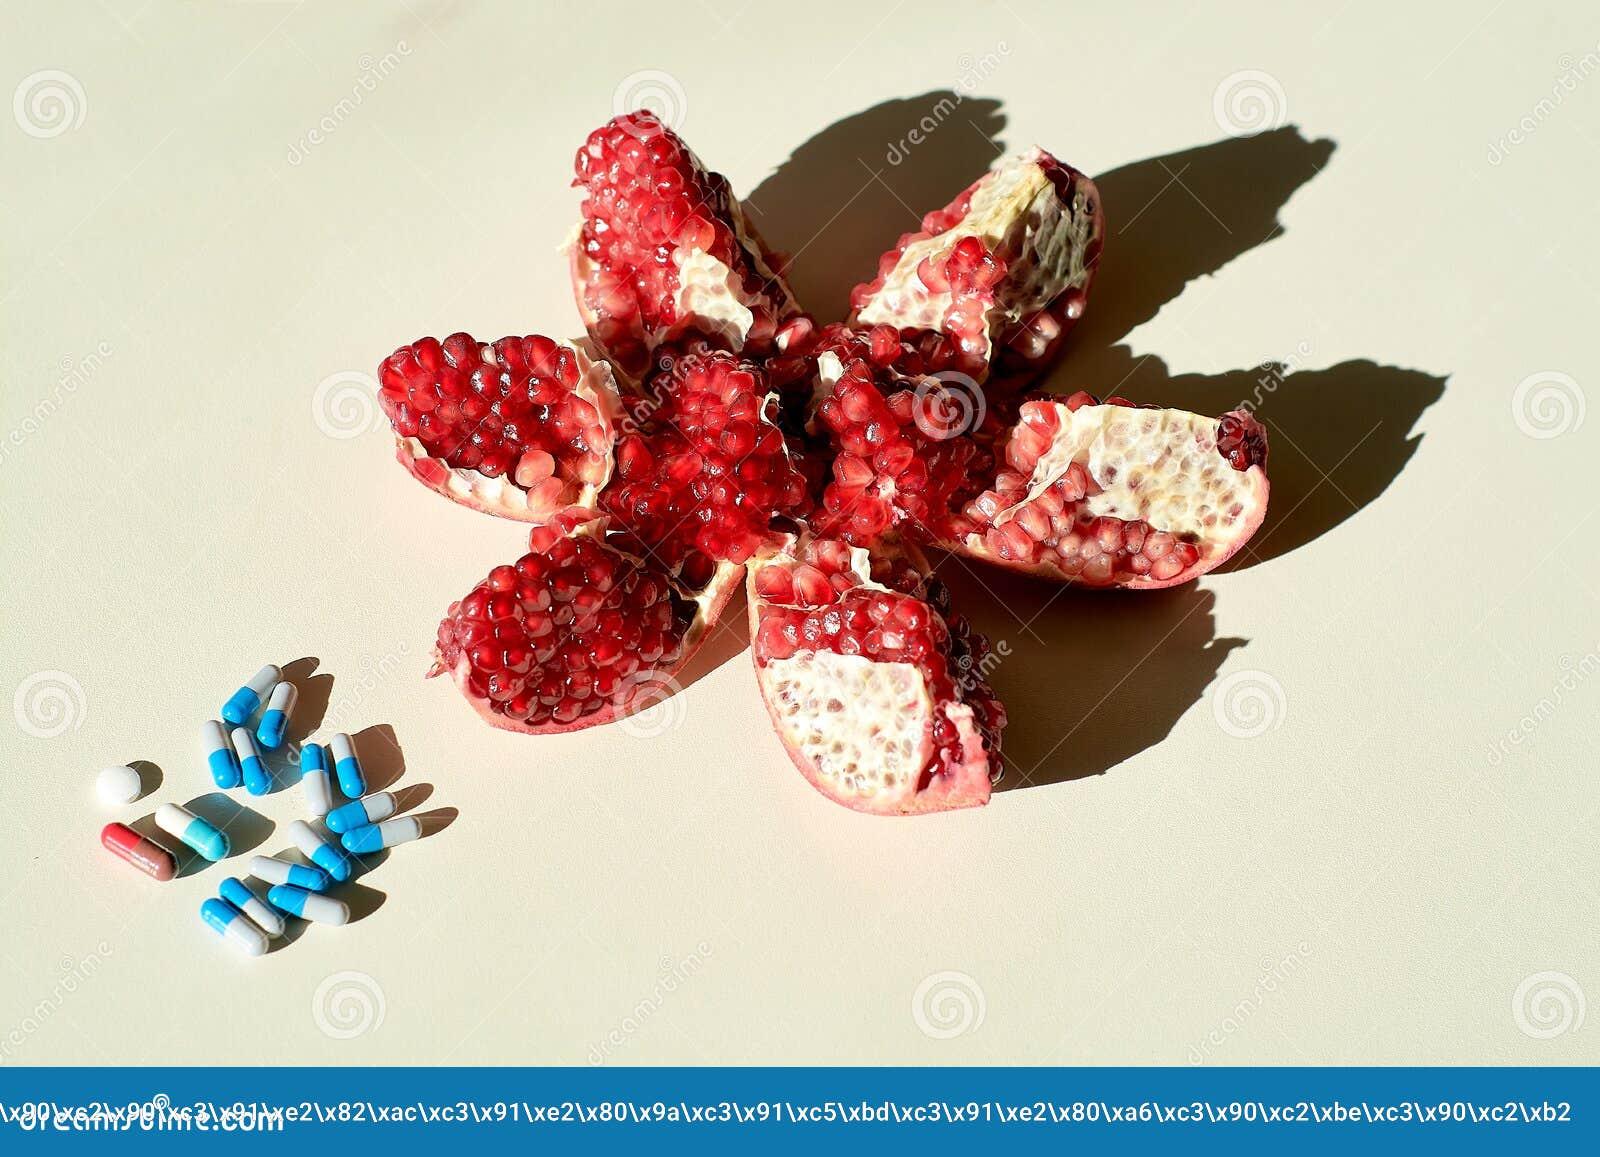 Η έννοια μιας υγιούς ζωής Ώριμα κόκκινα juicy ρόδι και χάπια, κάψες, χάπια που βρίσκονται χωριστά σε ένα άσπρο υπόβαθρο